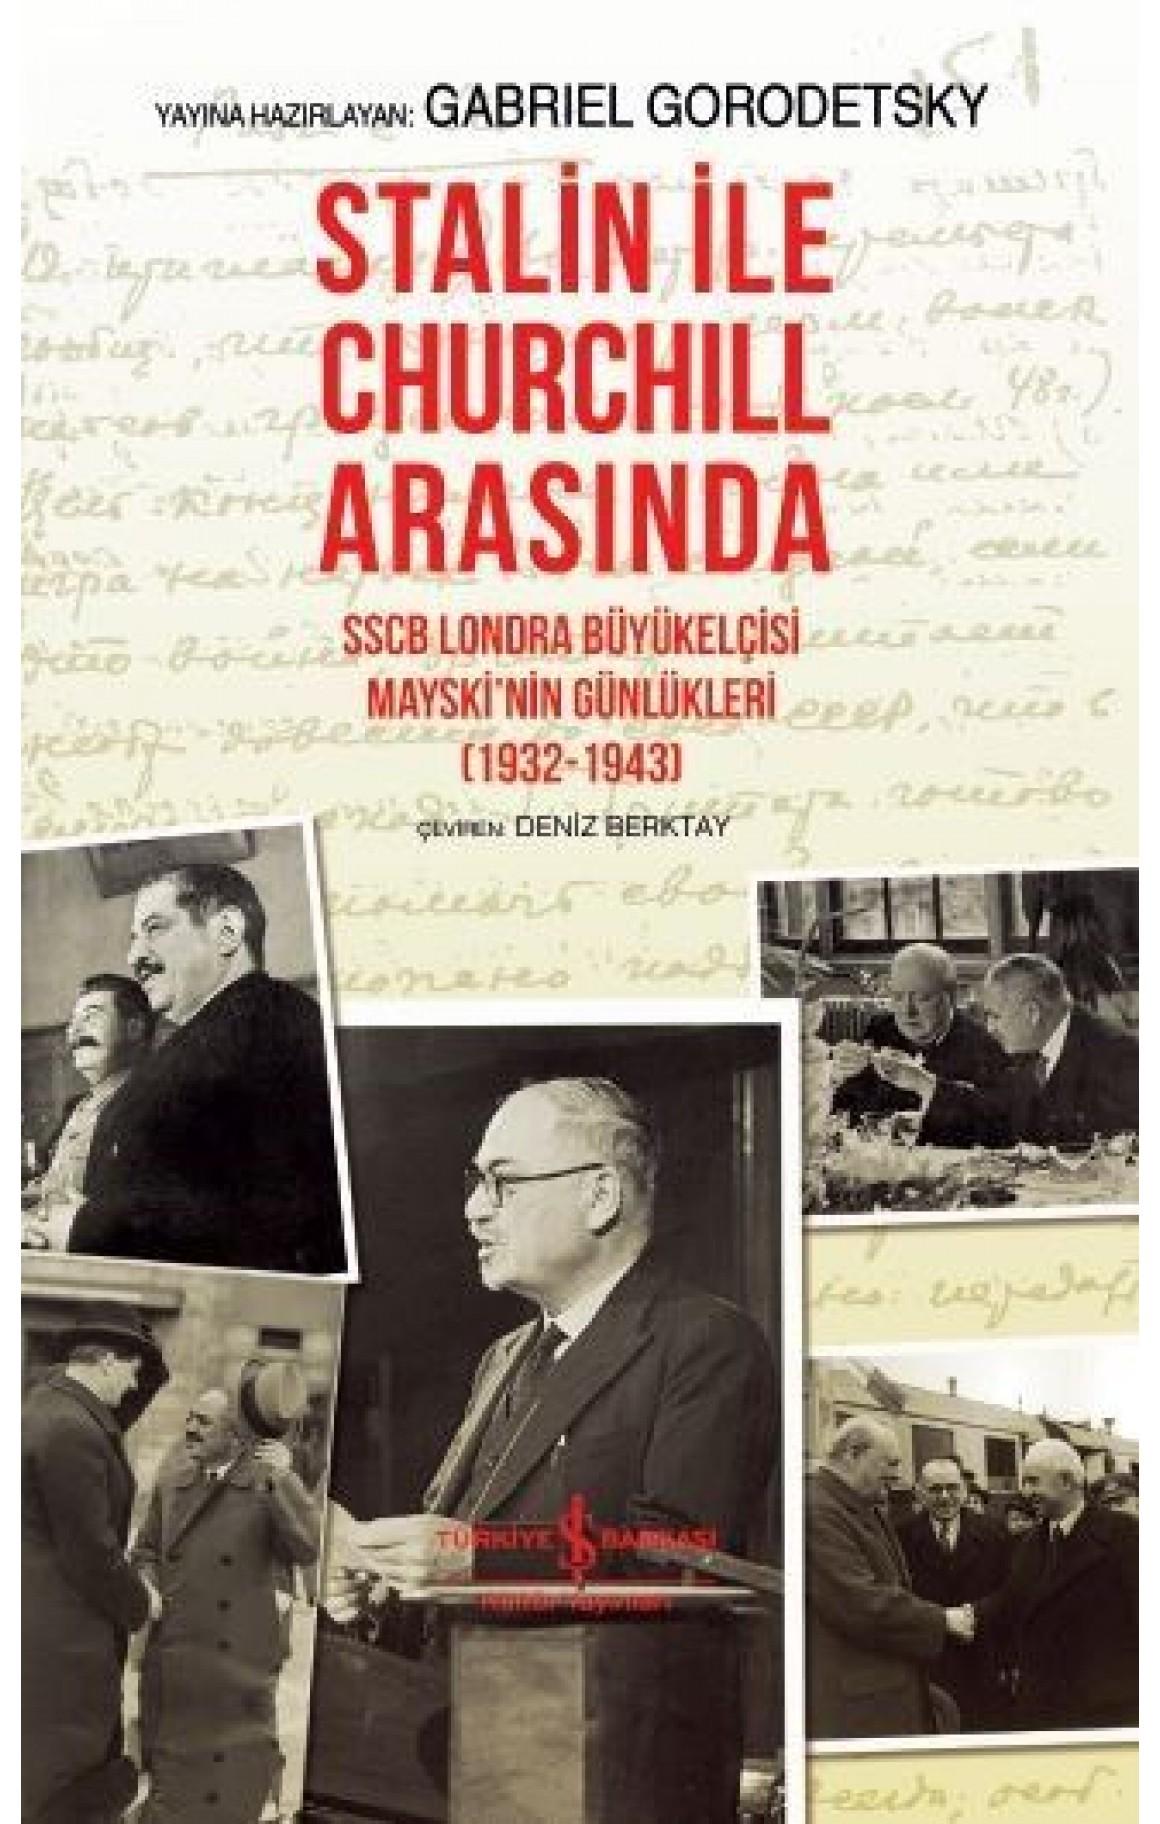 Stalin İle Churchill Arasında-SSCB Londra Büyükelçisi Mayski'nin Günlükleri 1932-1943